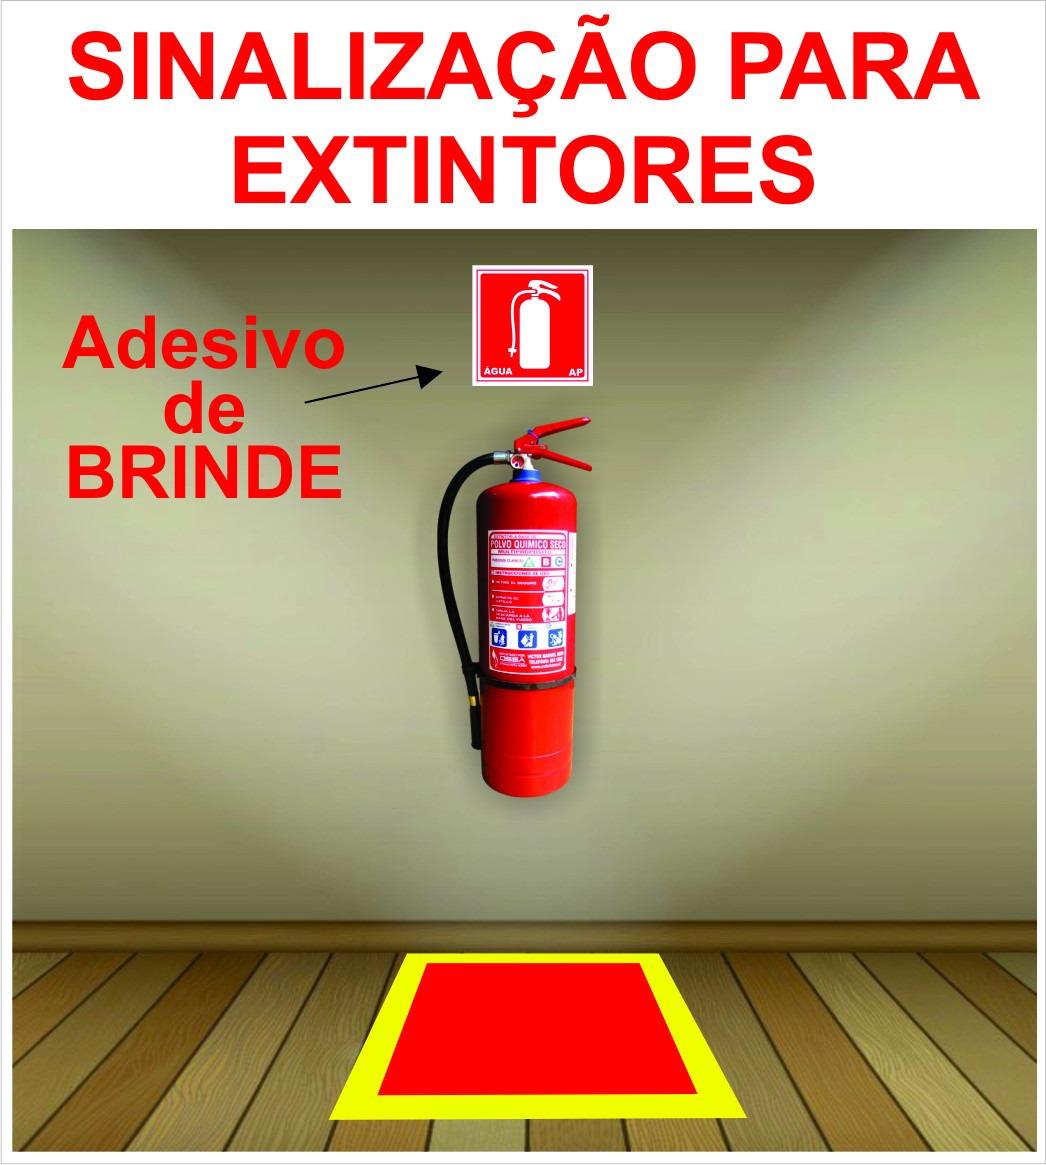 Armario Definición Rae ~ Marcaç u00e3o De Ch u00e3o Extintor De Inc u00eandio + Brinde Melhor Custo R$ 44,90 em Mercado Livre